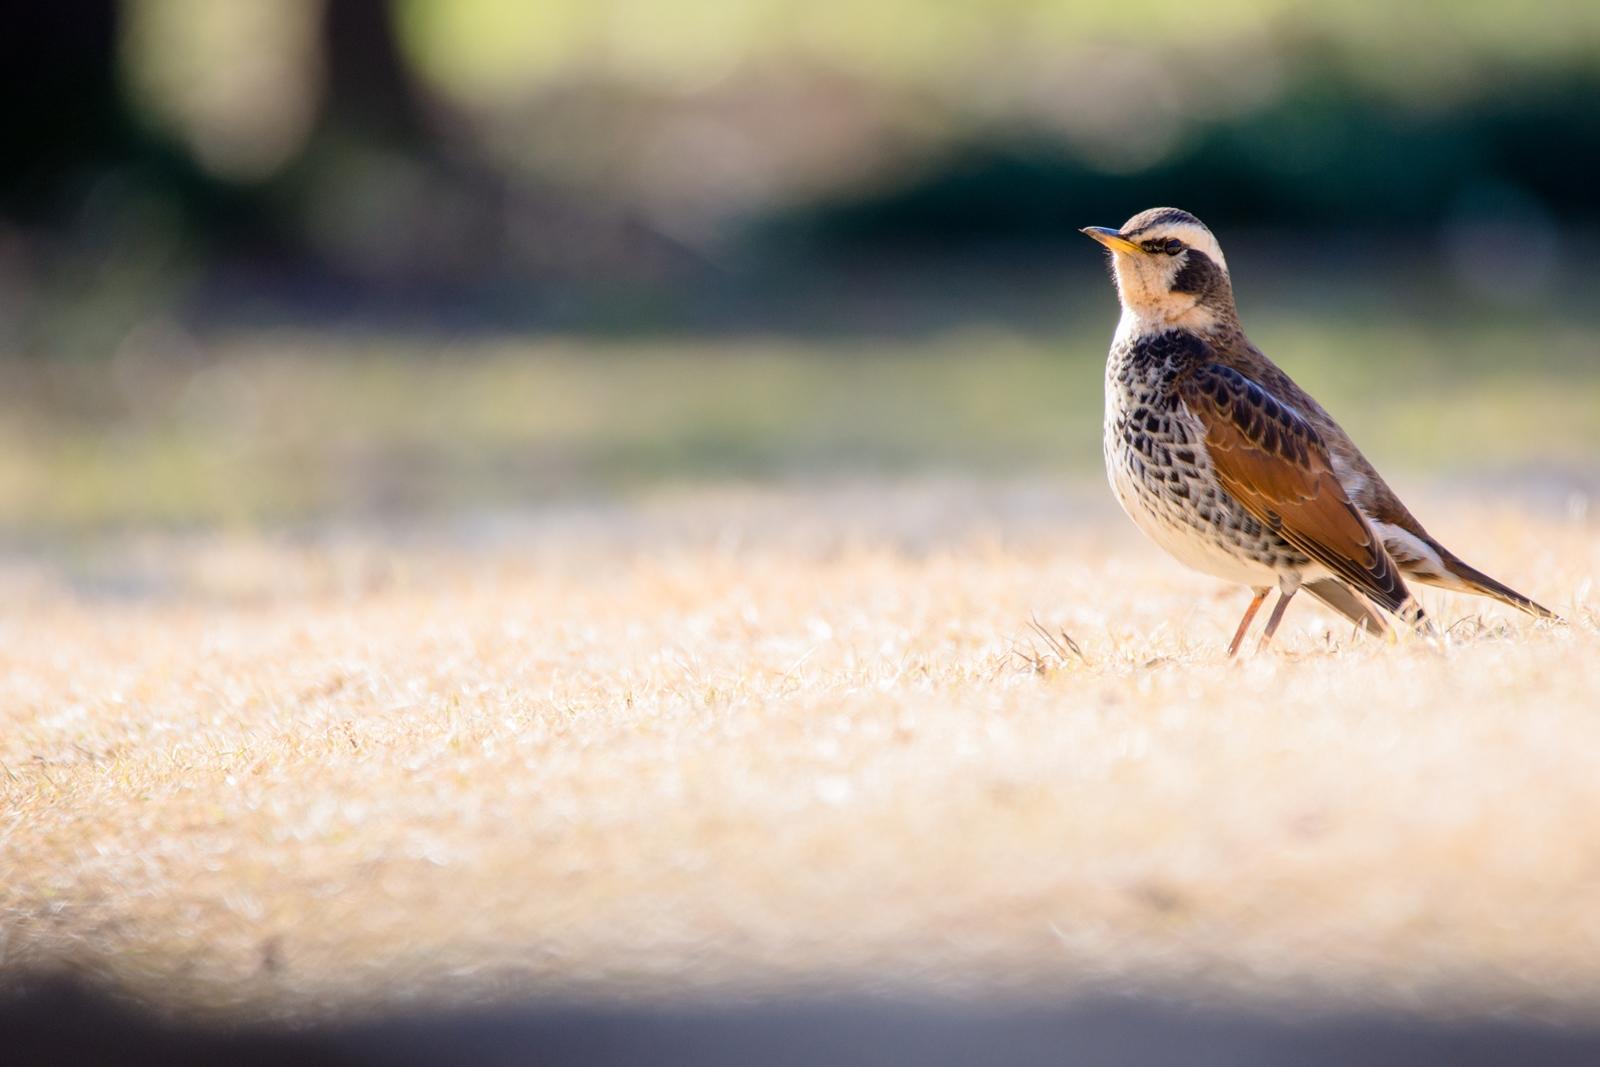 Photo: 「新しい旅路へ」 / Beginning of a new journey.  さあ、 新しい旅が始まるよ 準備はいいかな? 大丈夫 キミのその翼なら ちゃんと越えて行ける  Dusky thrush. (ツグミ)  Nikon D7200 SIGMA 150-600mm F5-6.3 DG OS HSM Contemporary  #birdphotography #birds #kawaii #小鳥 #nikon #sigma #小鳥グラファー  ( http://takafumiooshio.com/archives/994 )